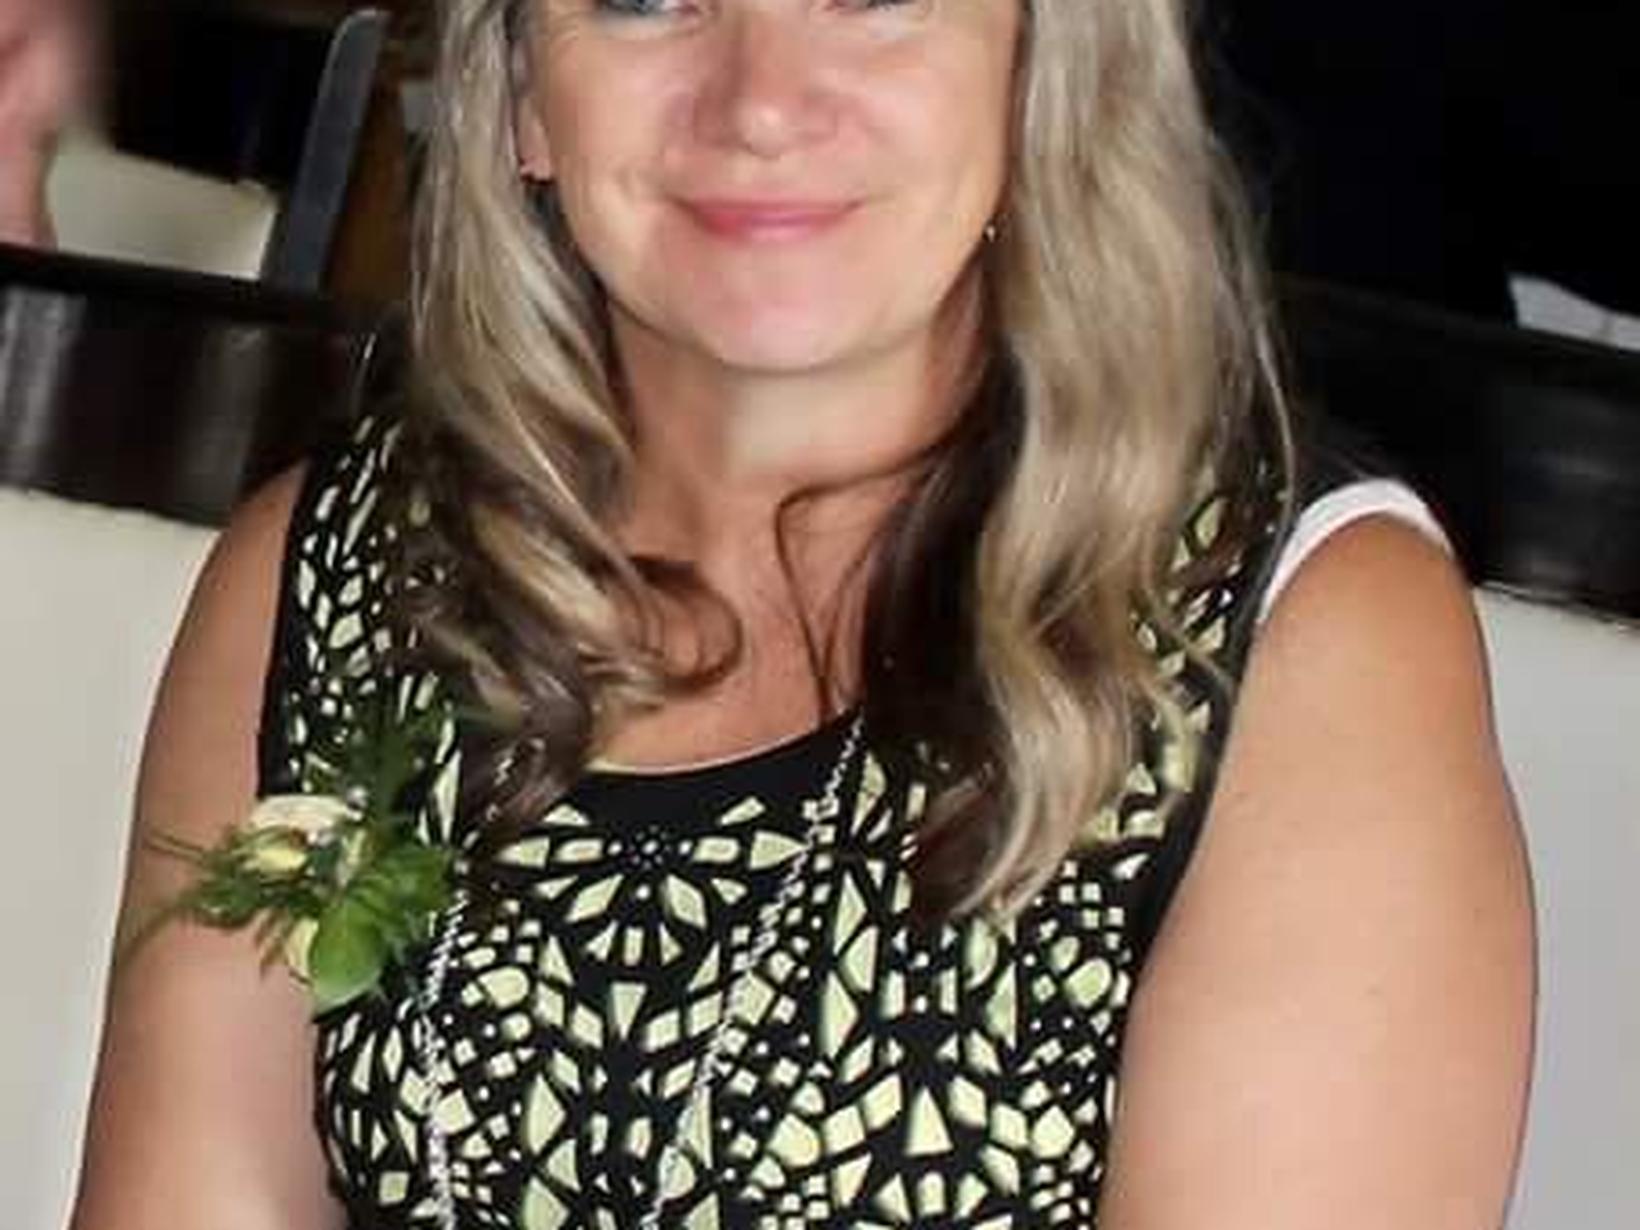 Raewynn from Nelson, New Zealand